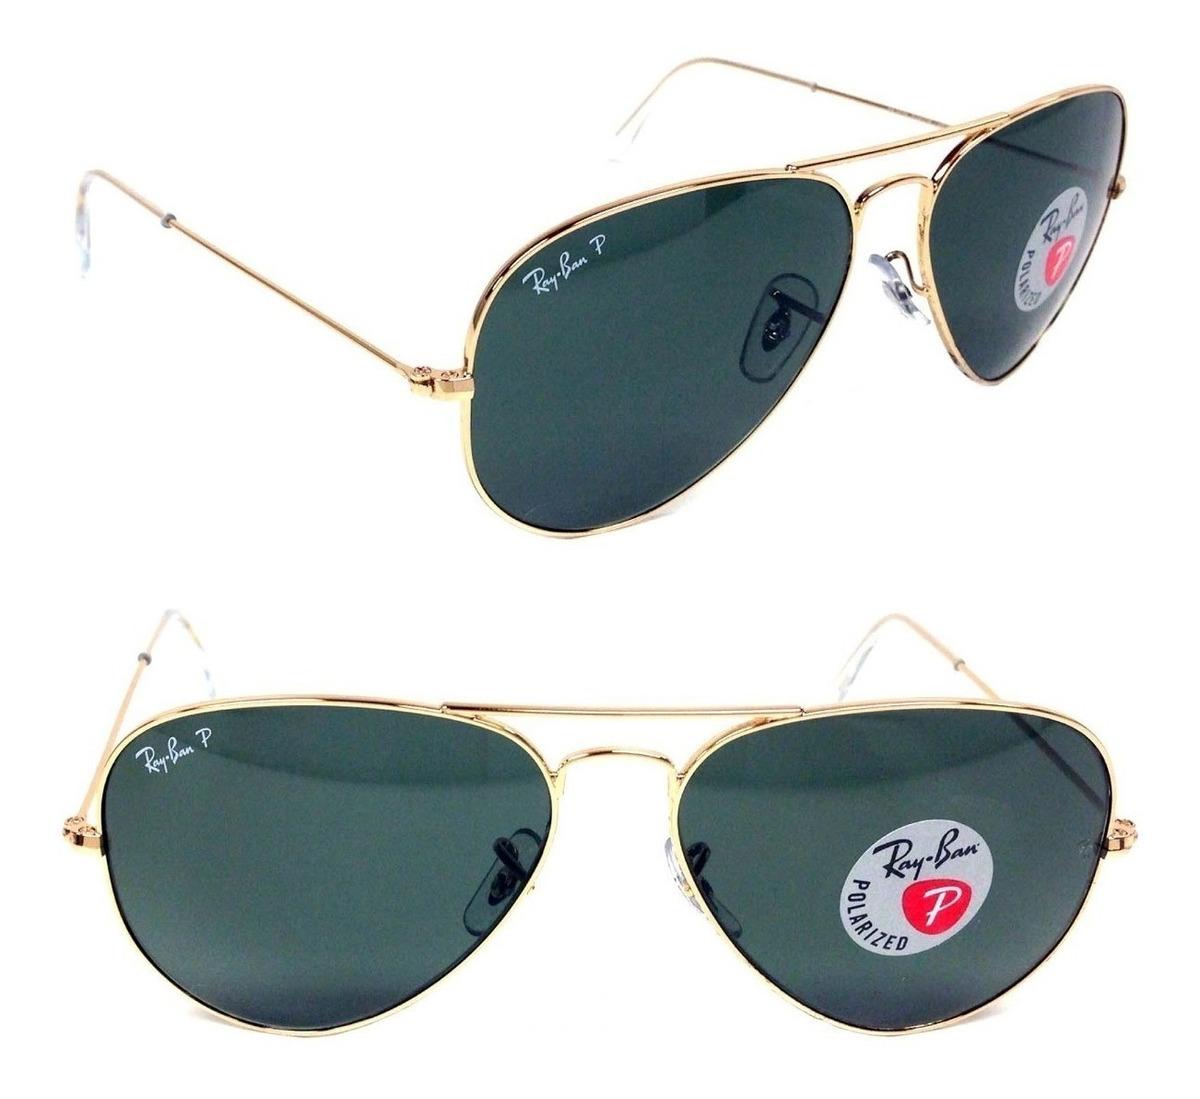 d3cefe9ae1 Gafas Ray-ban Rb 3025 Aviador Piloto Originales - $ 149.990 en ...